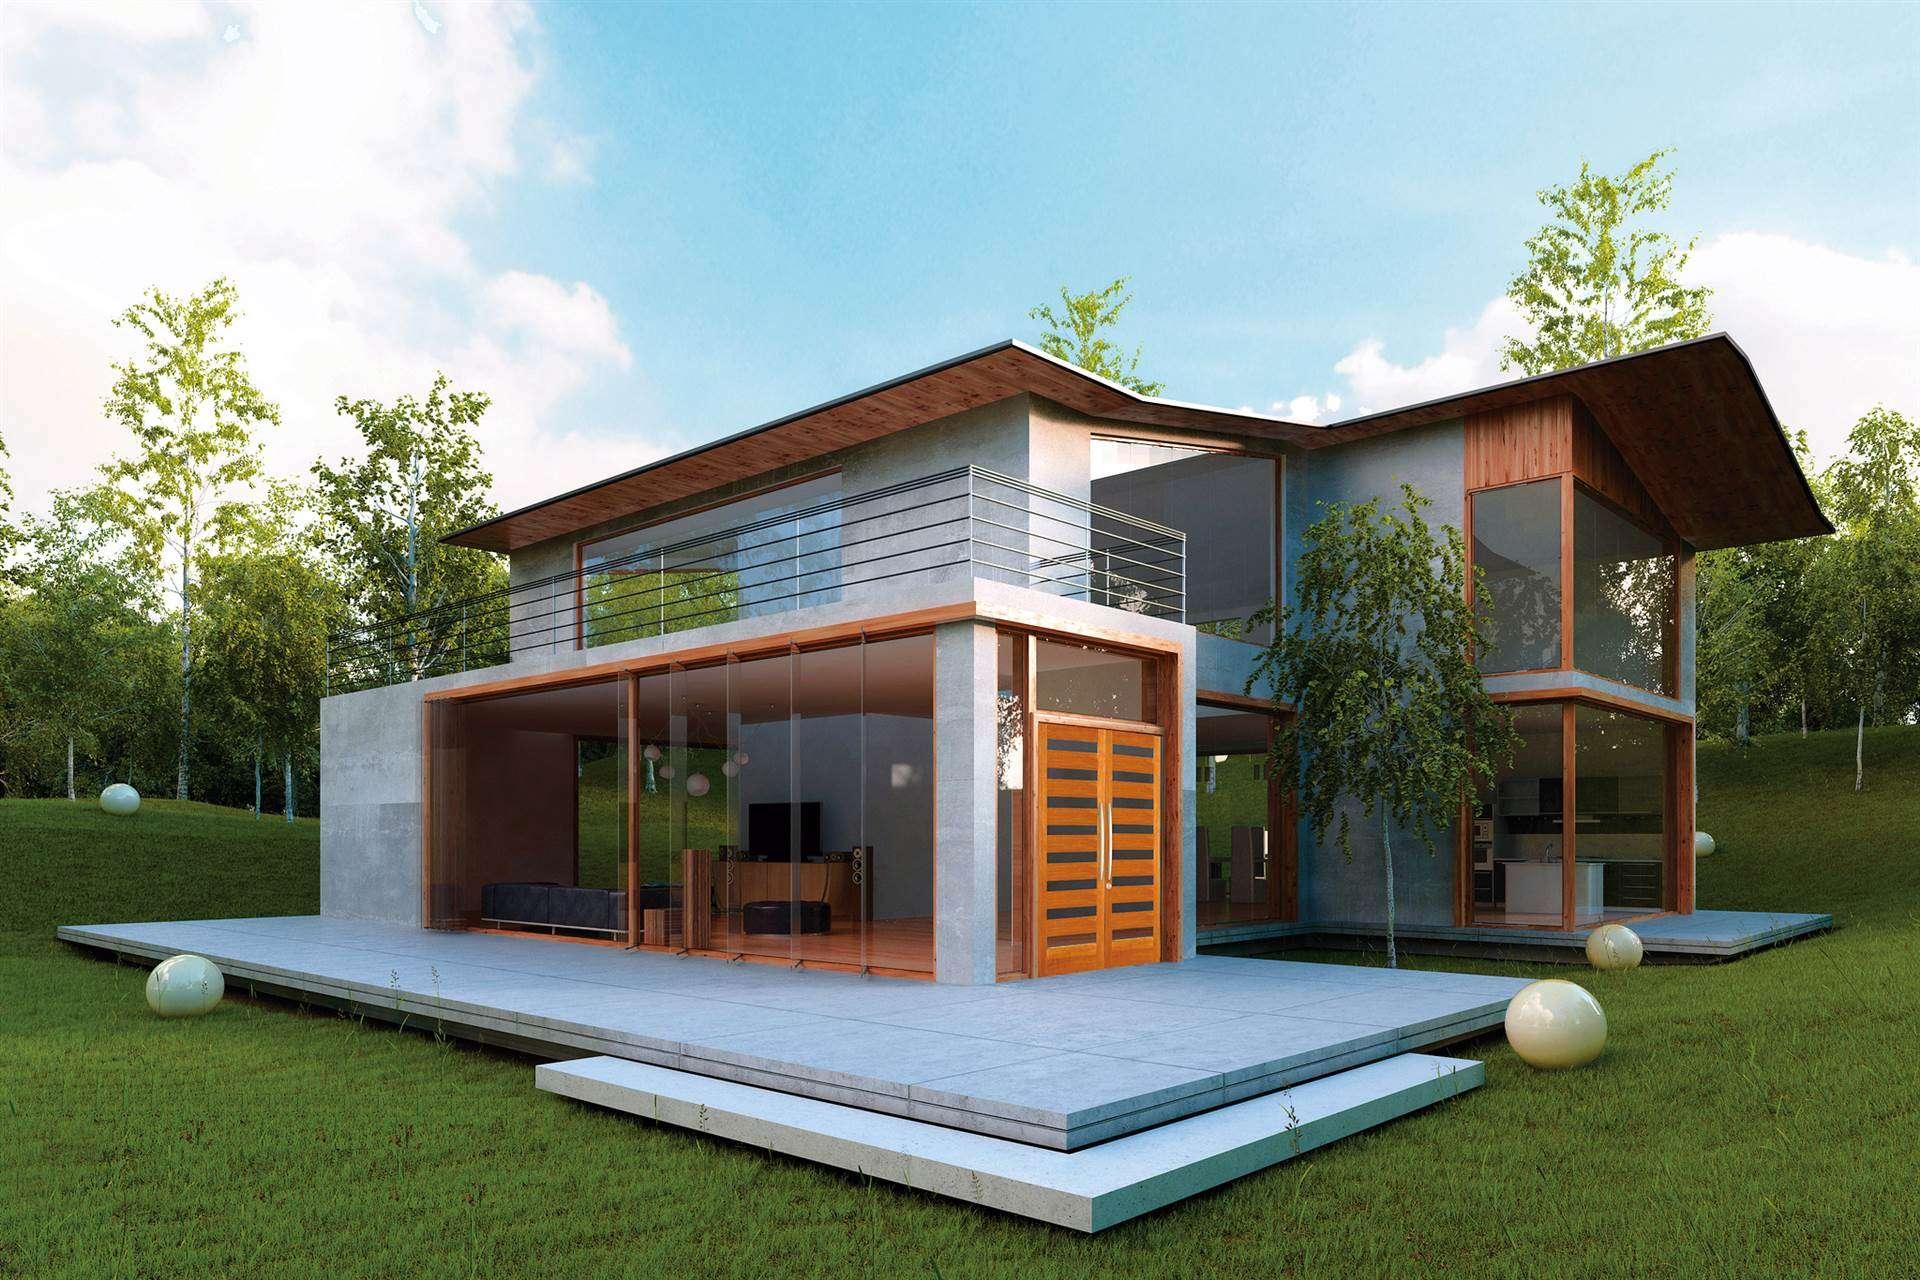 Czy wizualizacje 3D oszukują architektów i klientów? 2